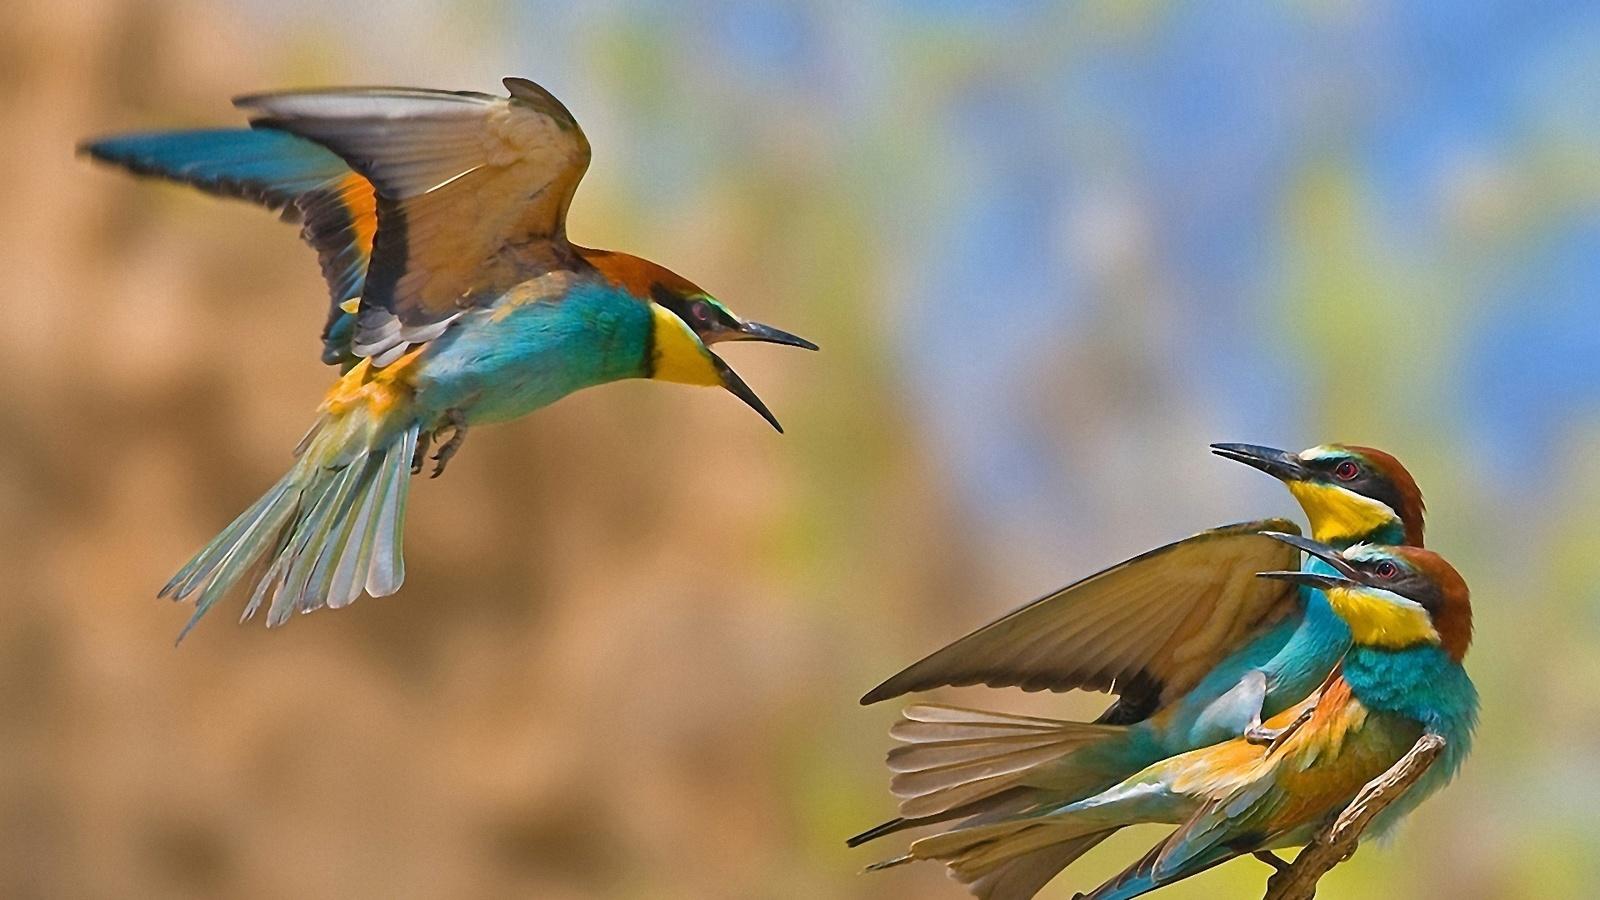 измена, Птицы, соперник